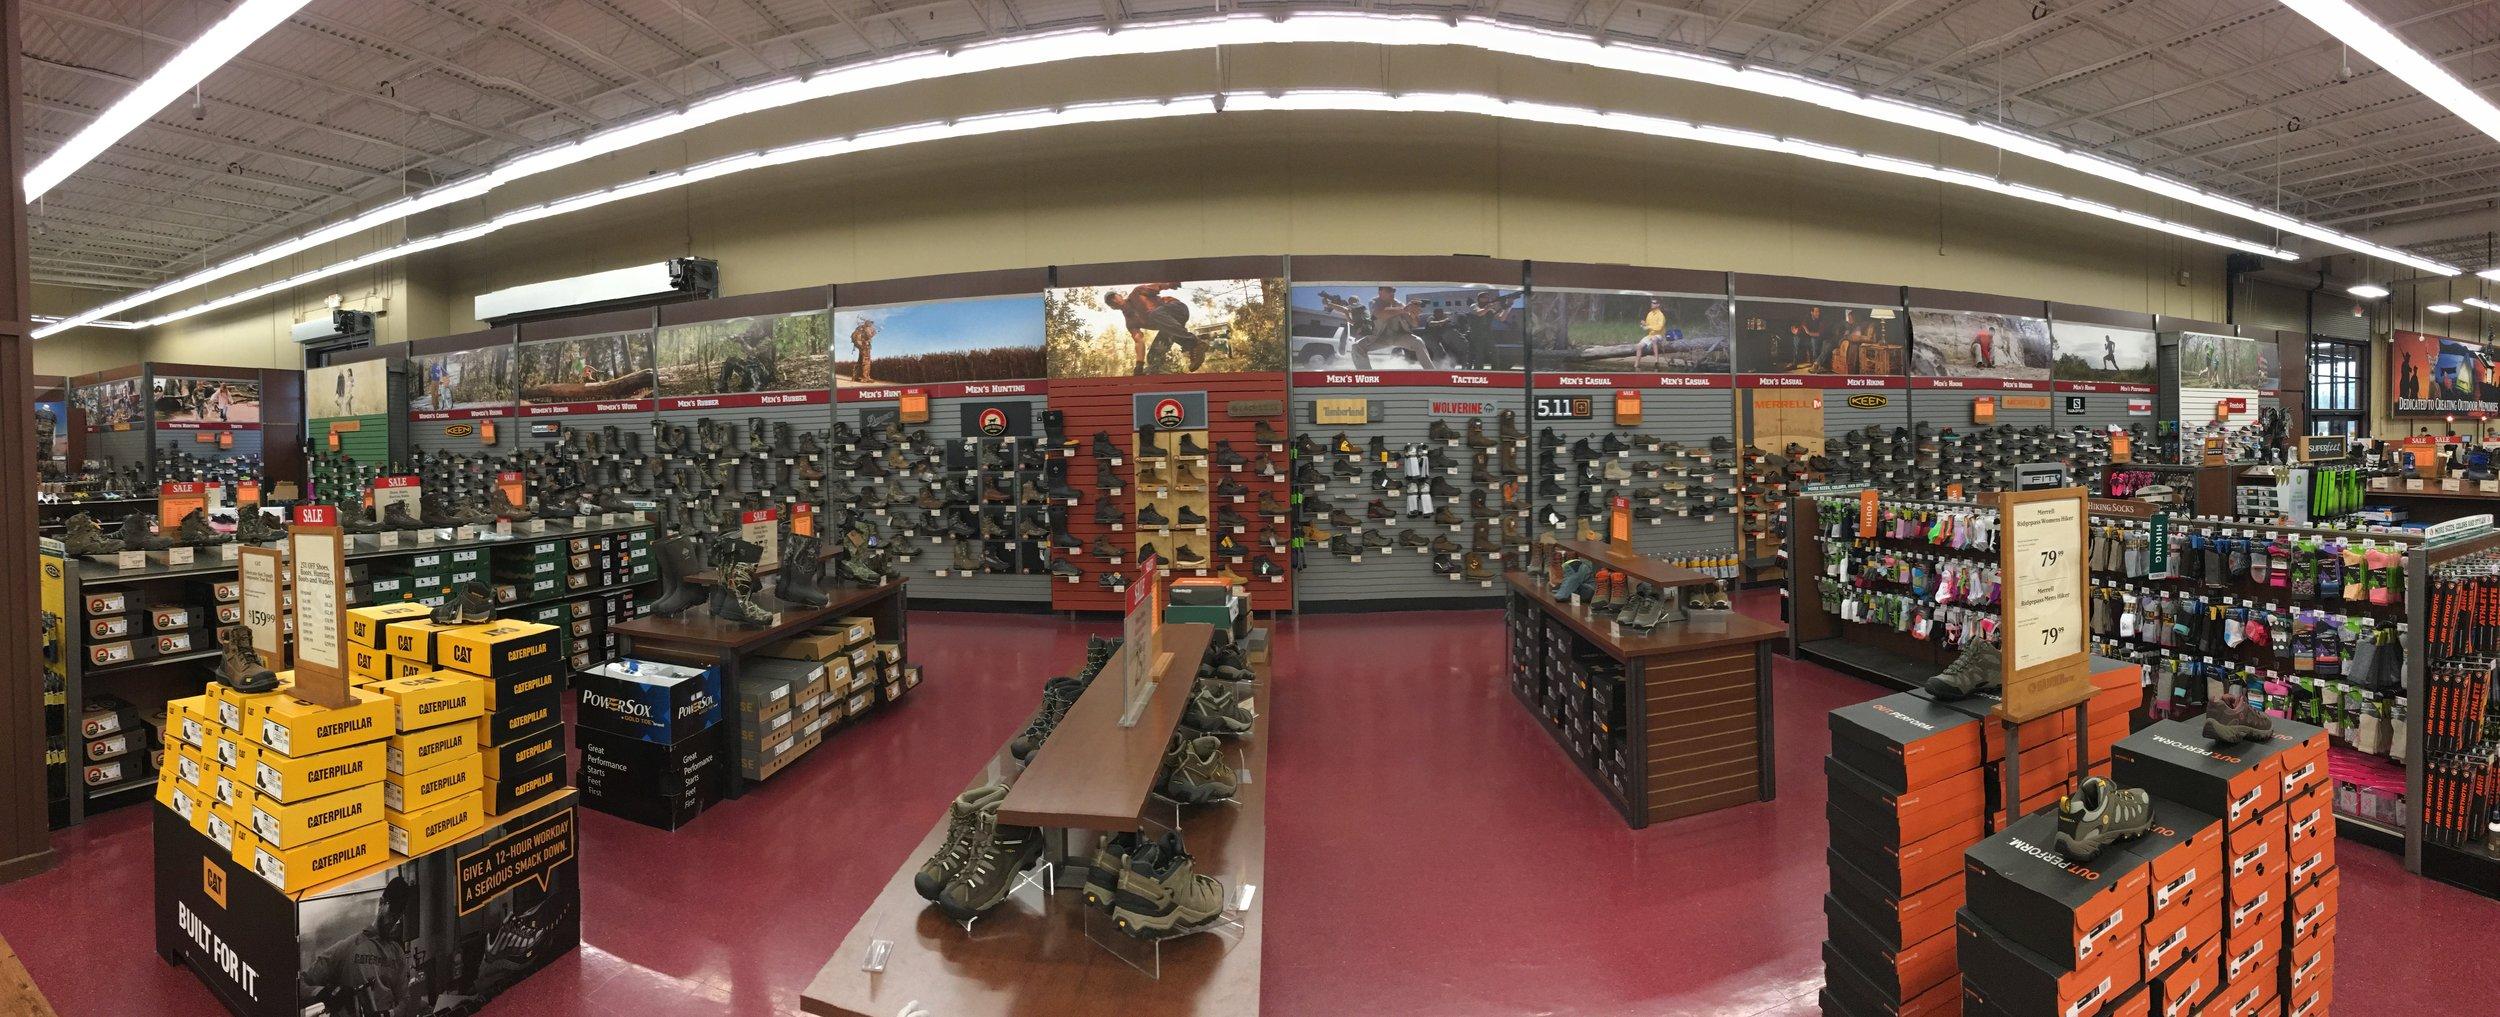 Footwear Department